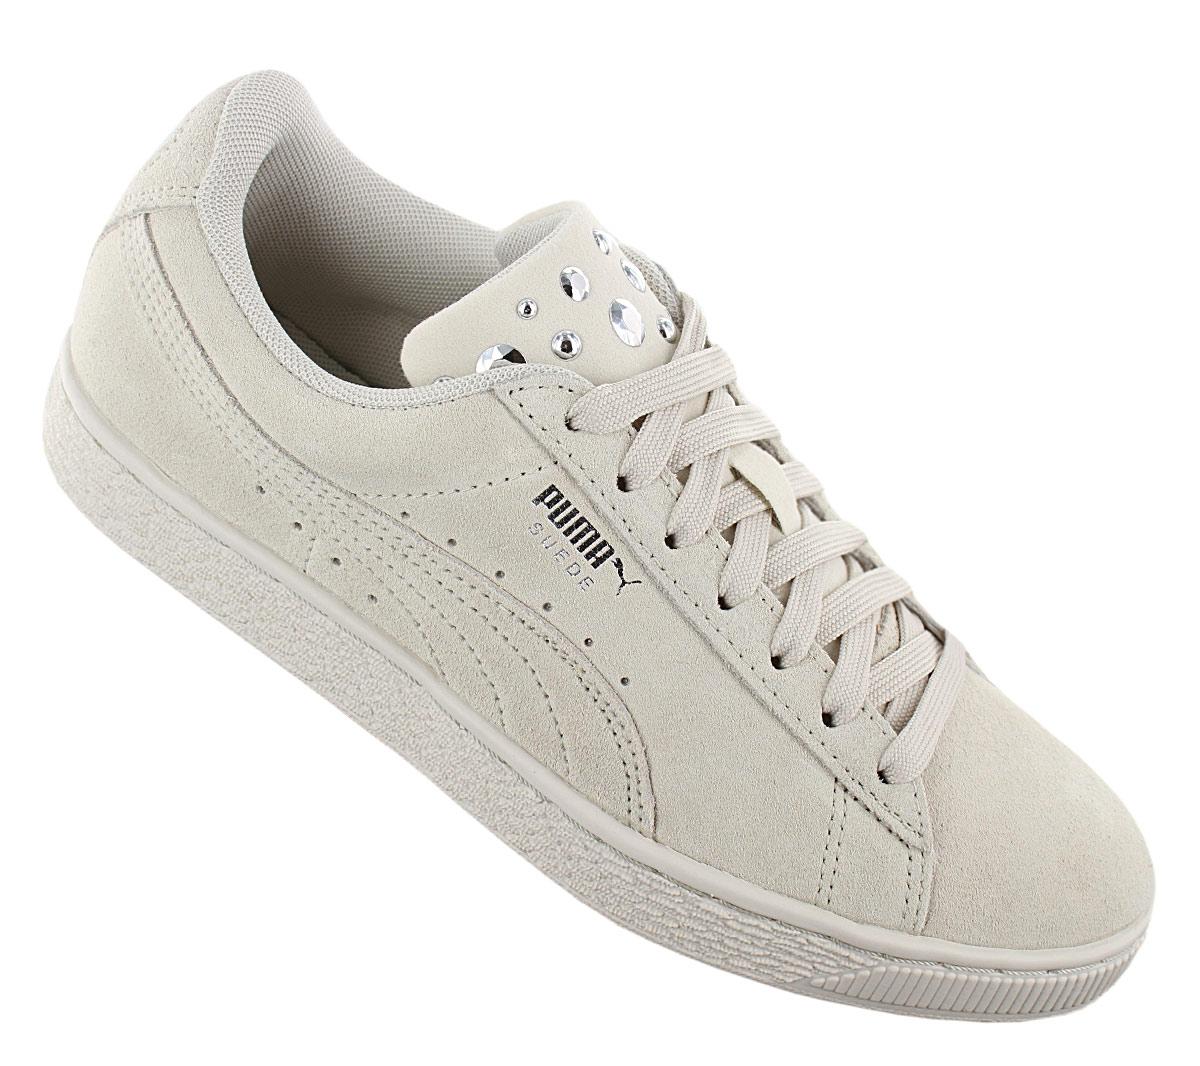 Details zu Puma Suede Jewel Damen Sneaker Schuhe 367273 02 Leder Beige Turnschuhe NEU